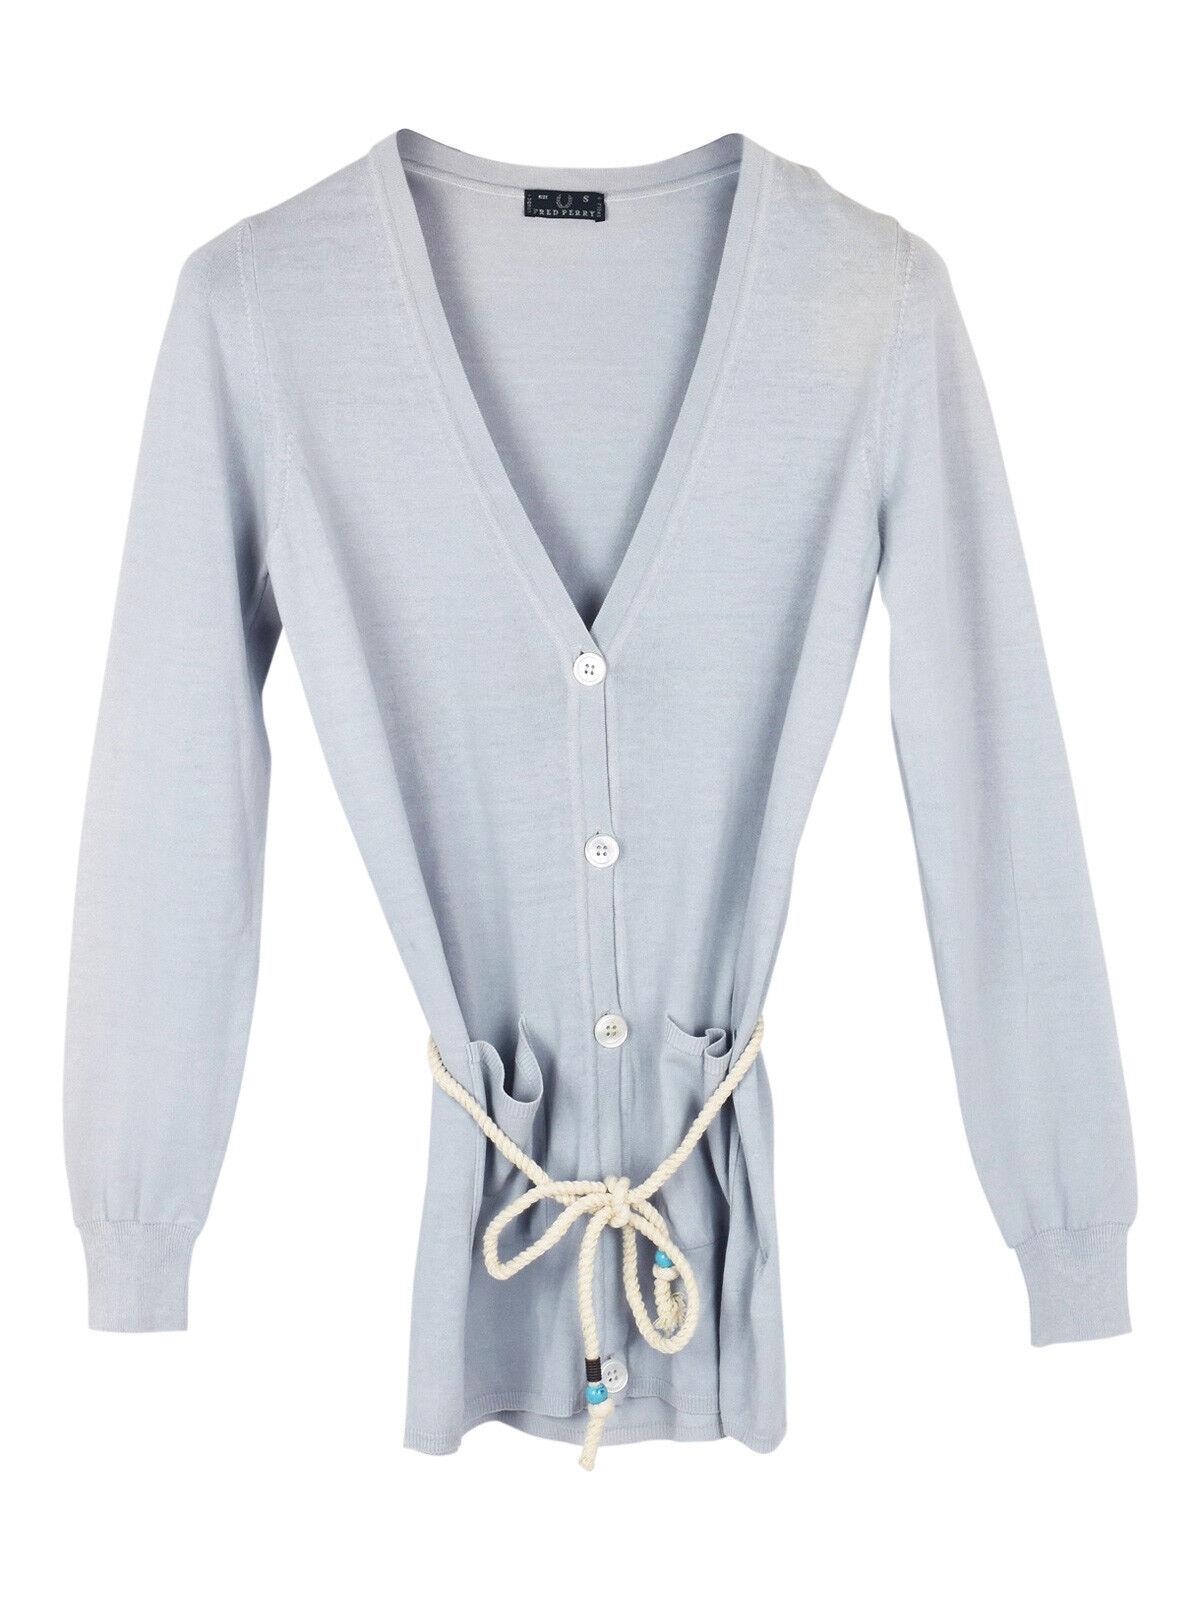 NEW Fred Perry tie string cardigan cardigan cardigan af455a